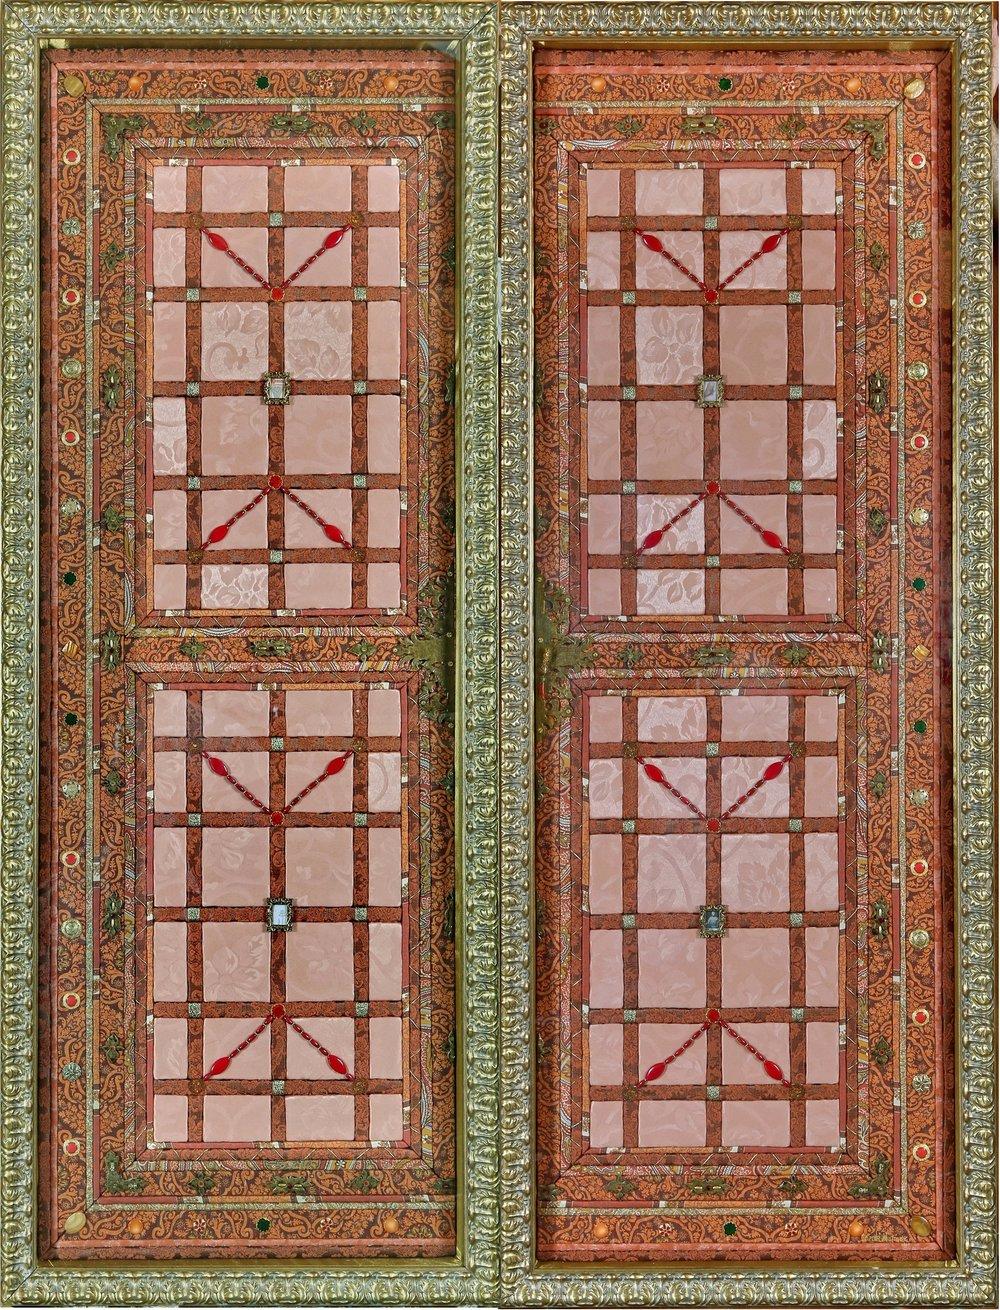 VENEZIA 1500 - Dédié à Léonard - . (2x179x59)